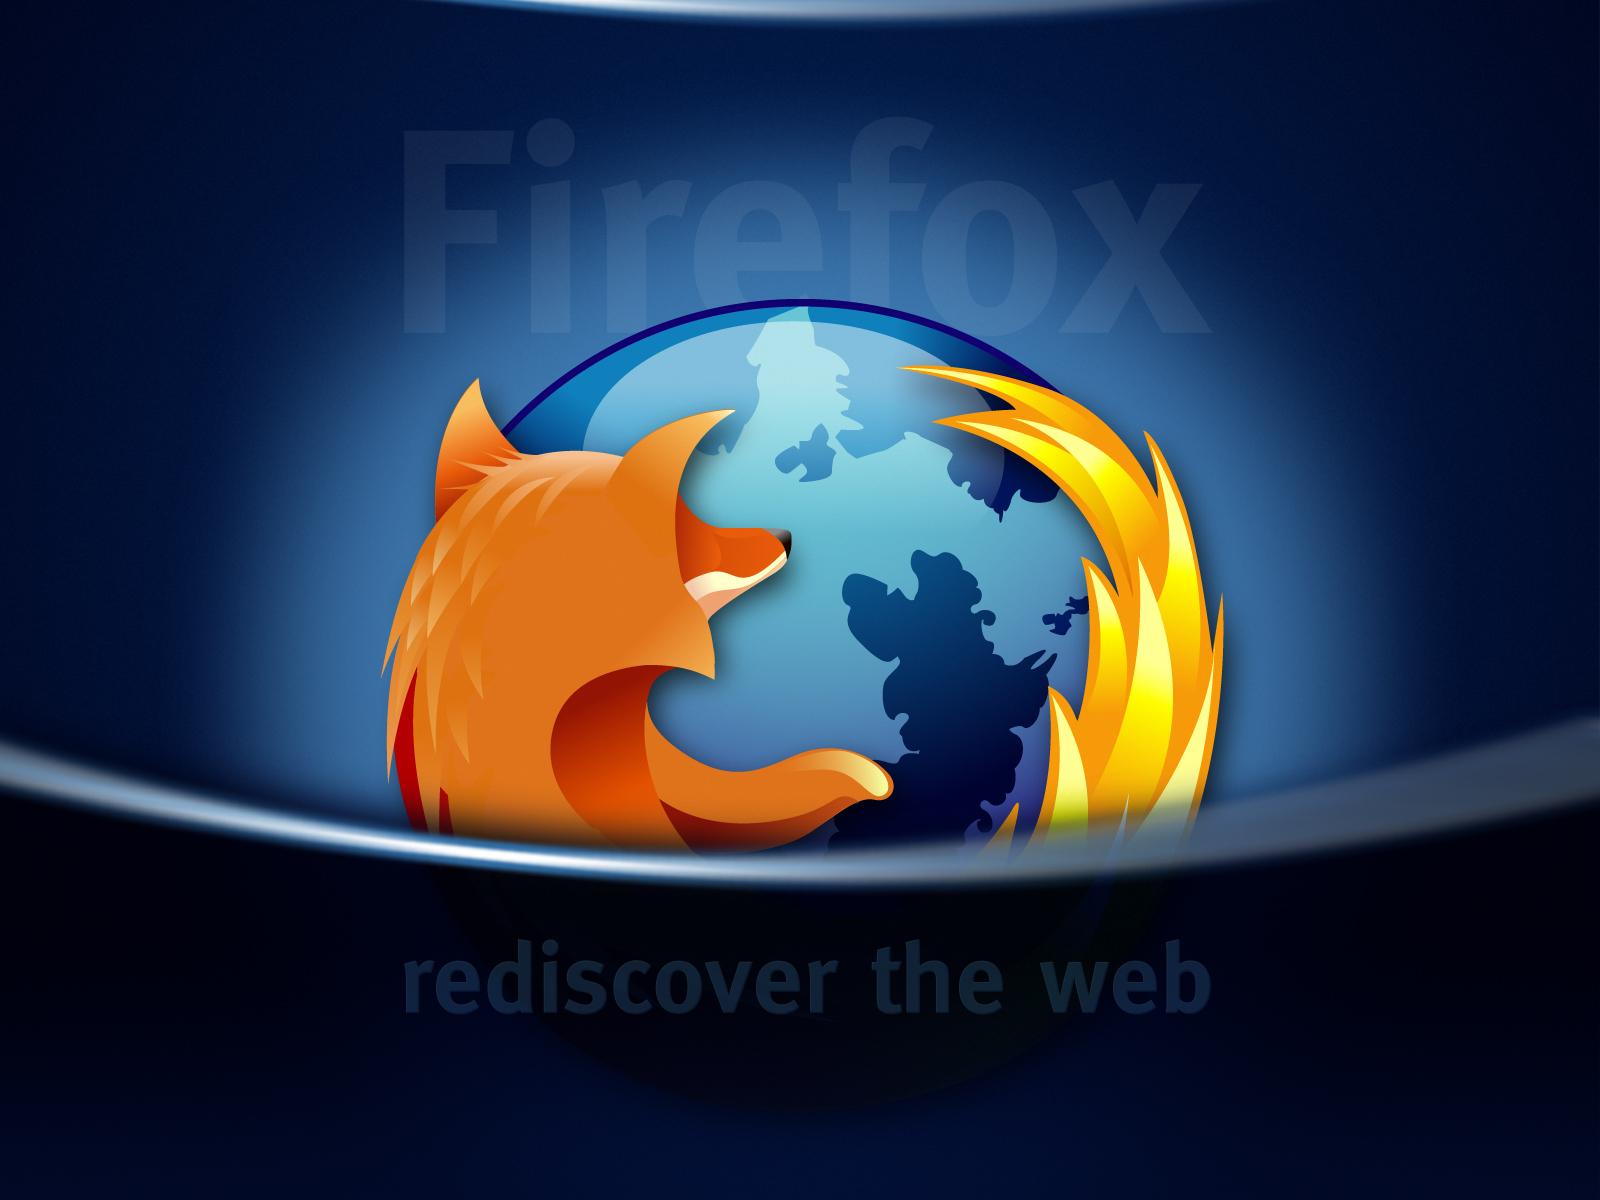 http://2.bp.blogspot.com/-s6lCwZBTUwU/Tgm6nIv2WiI/AAAAAAAAA-4/z921hFSi2S4/s1600/firefox1%2Bby%2Bwww.bdtvstar.com%2B%252842%2529.jpg